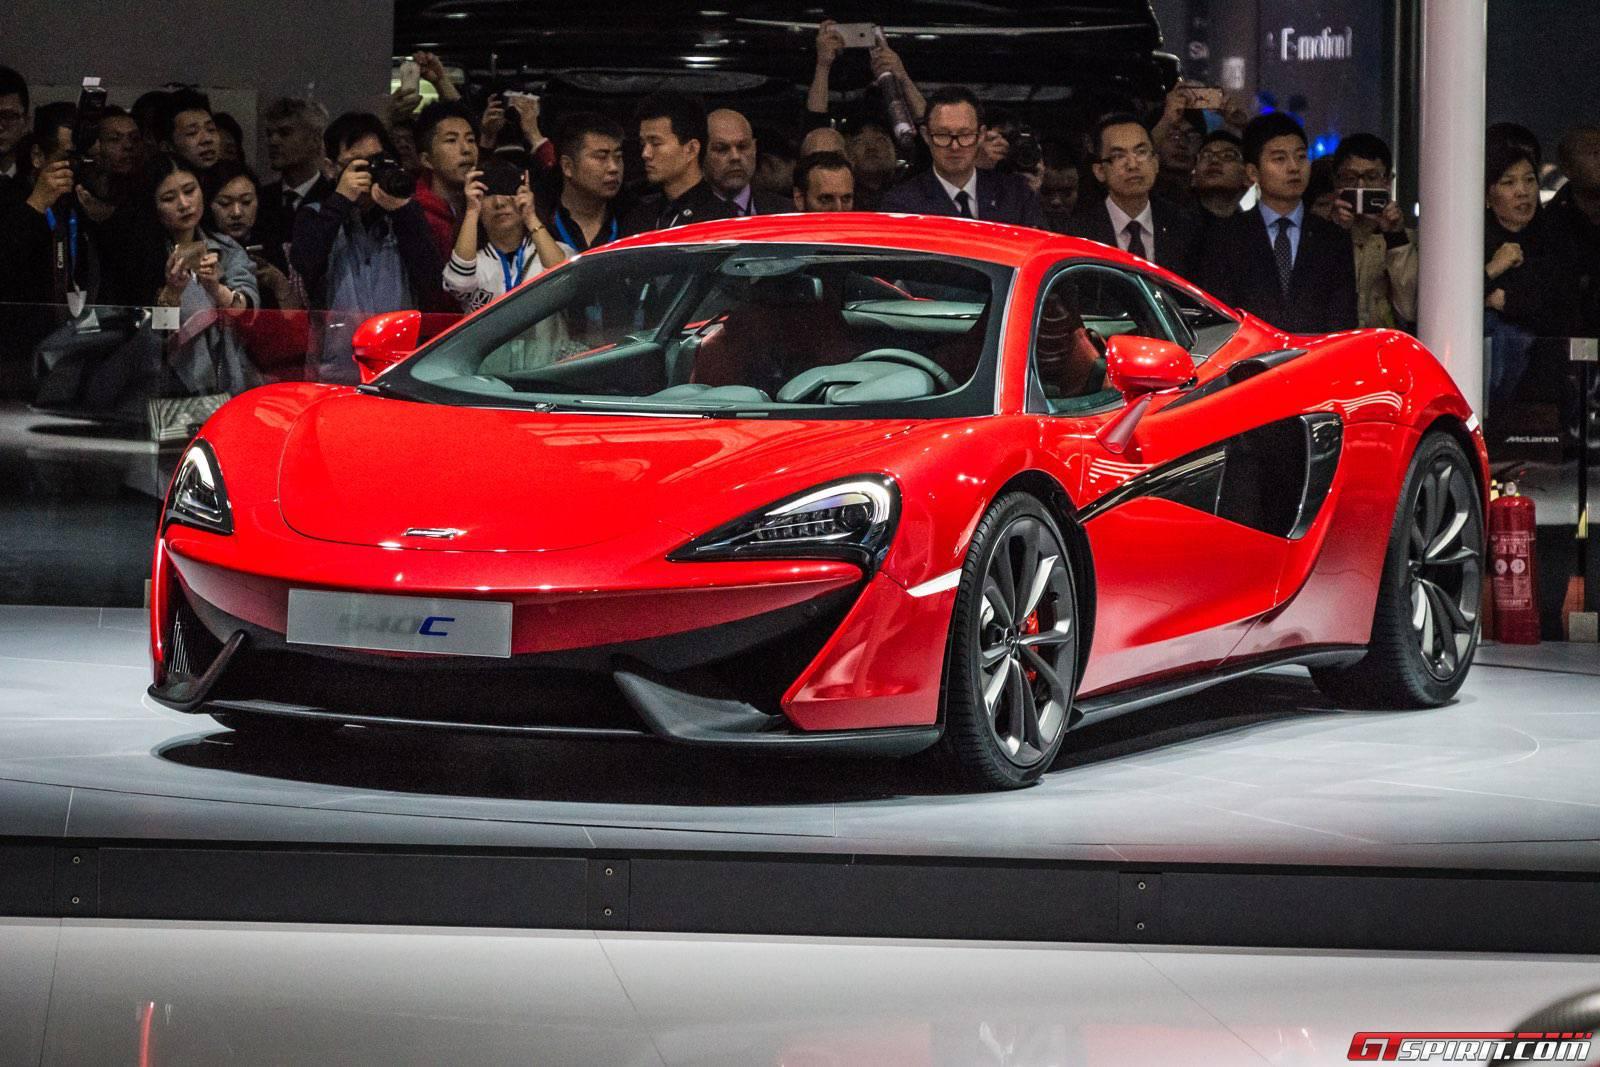 Shanghai 2015: McLaren 540C Coupe